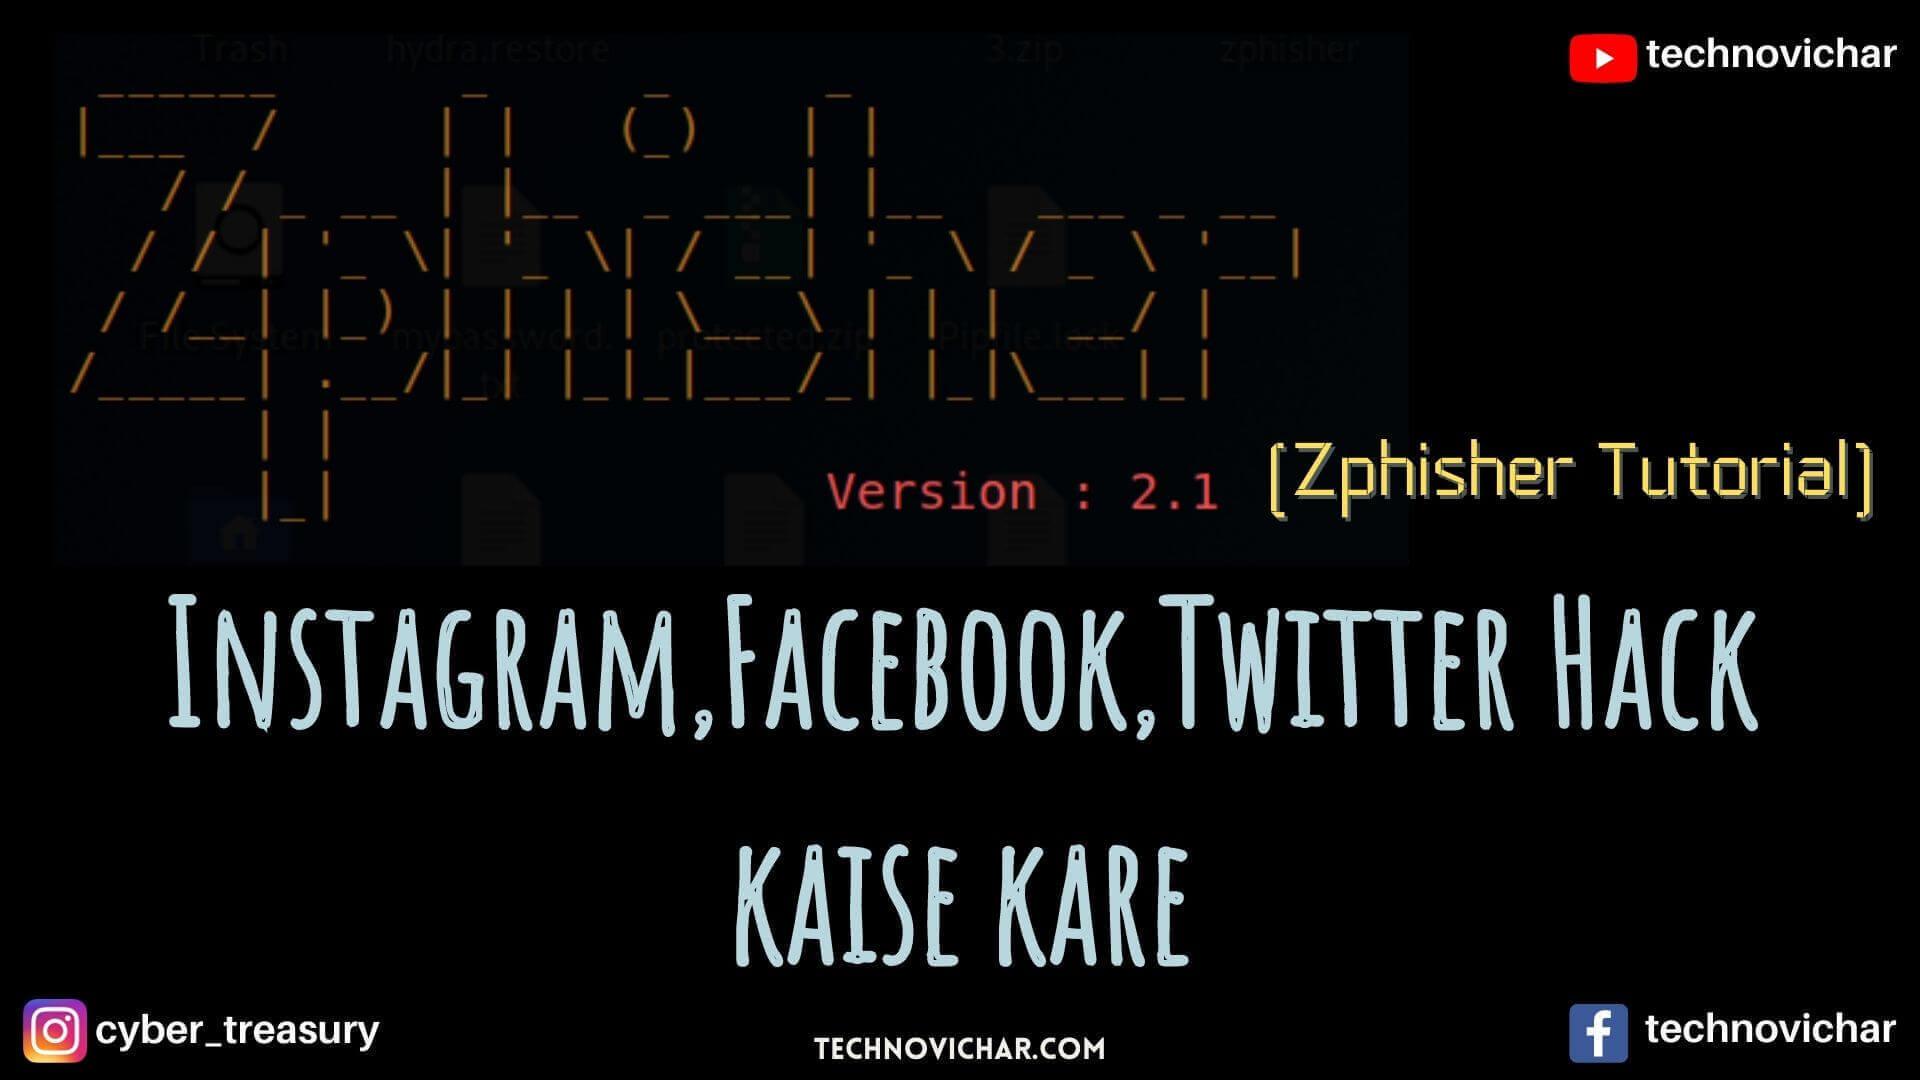 Instagram,Facebook,Twitter Hack kaise kare